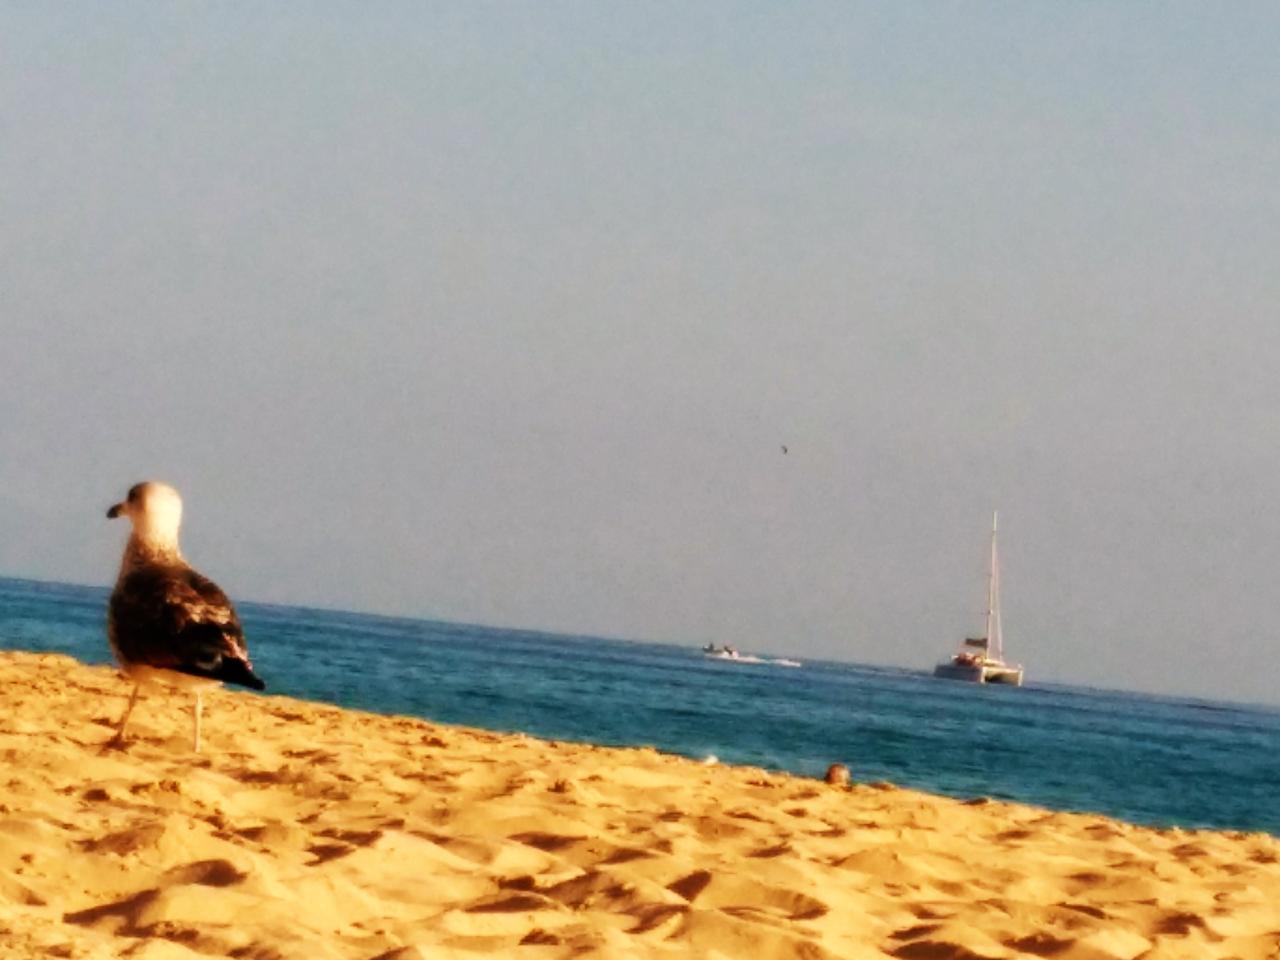 Ferienwohnung Penthouse / Apt. in der besten Gegend von Costa Calma, mit Blick auf eine große Terrasse a (487472), Costa Calma, Fuerteventura, Kanarische Inseln, Spanien, Bild 22